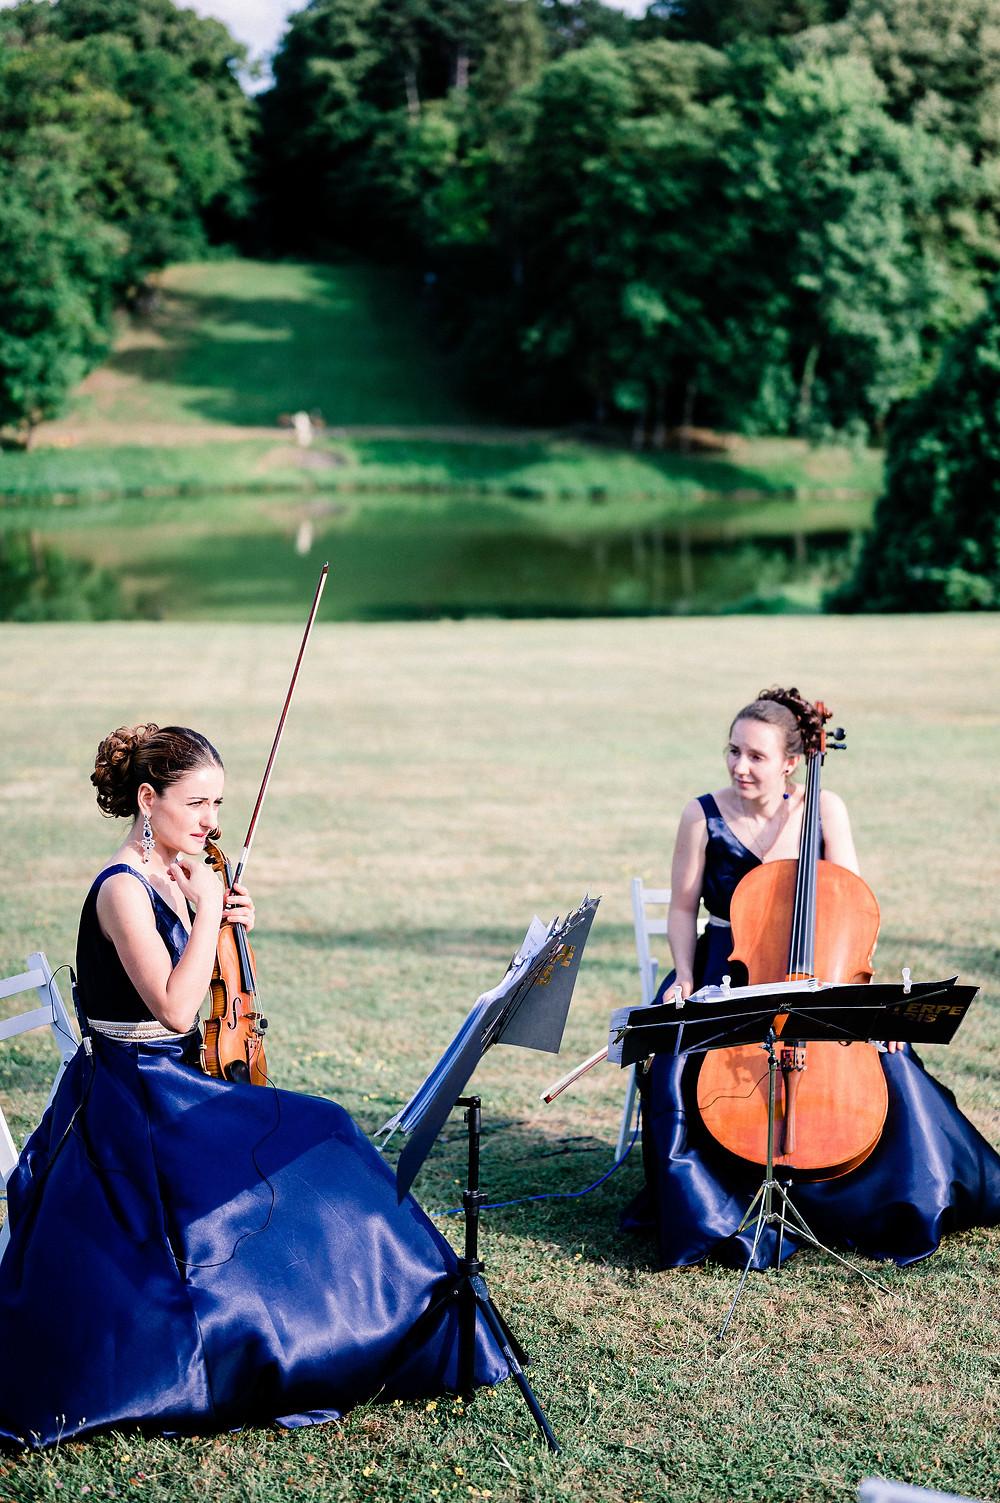 Duo classique violon et violoncelle